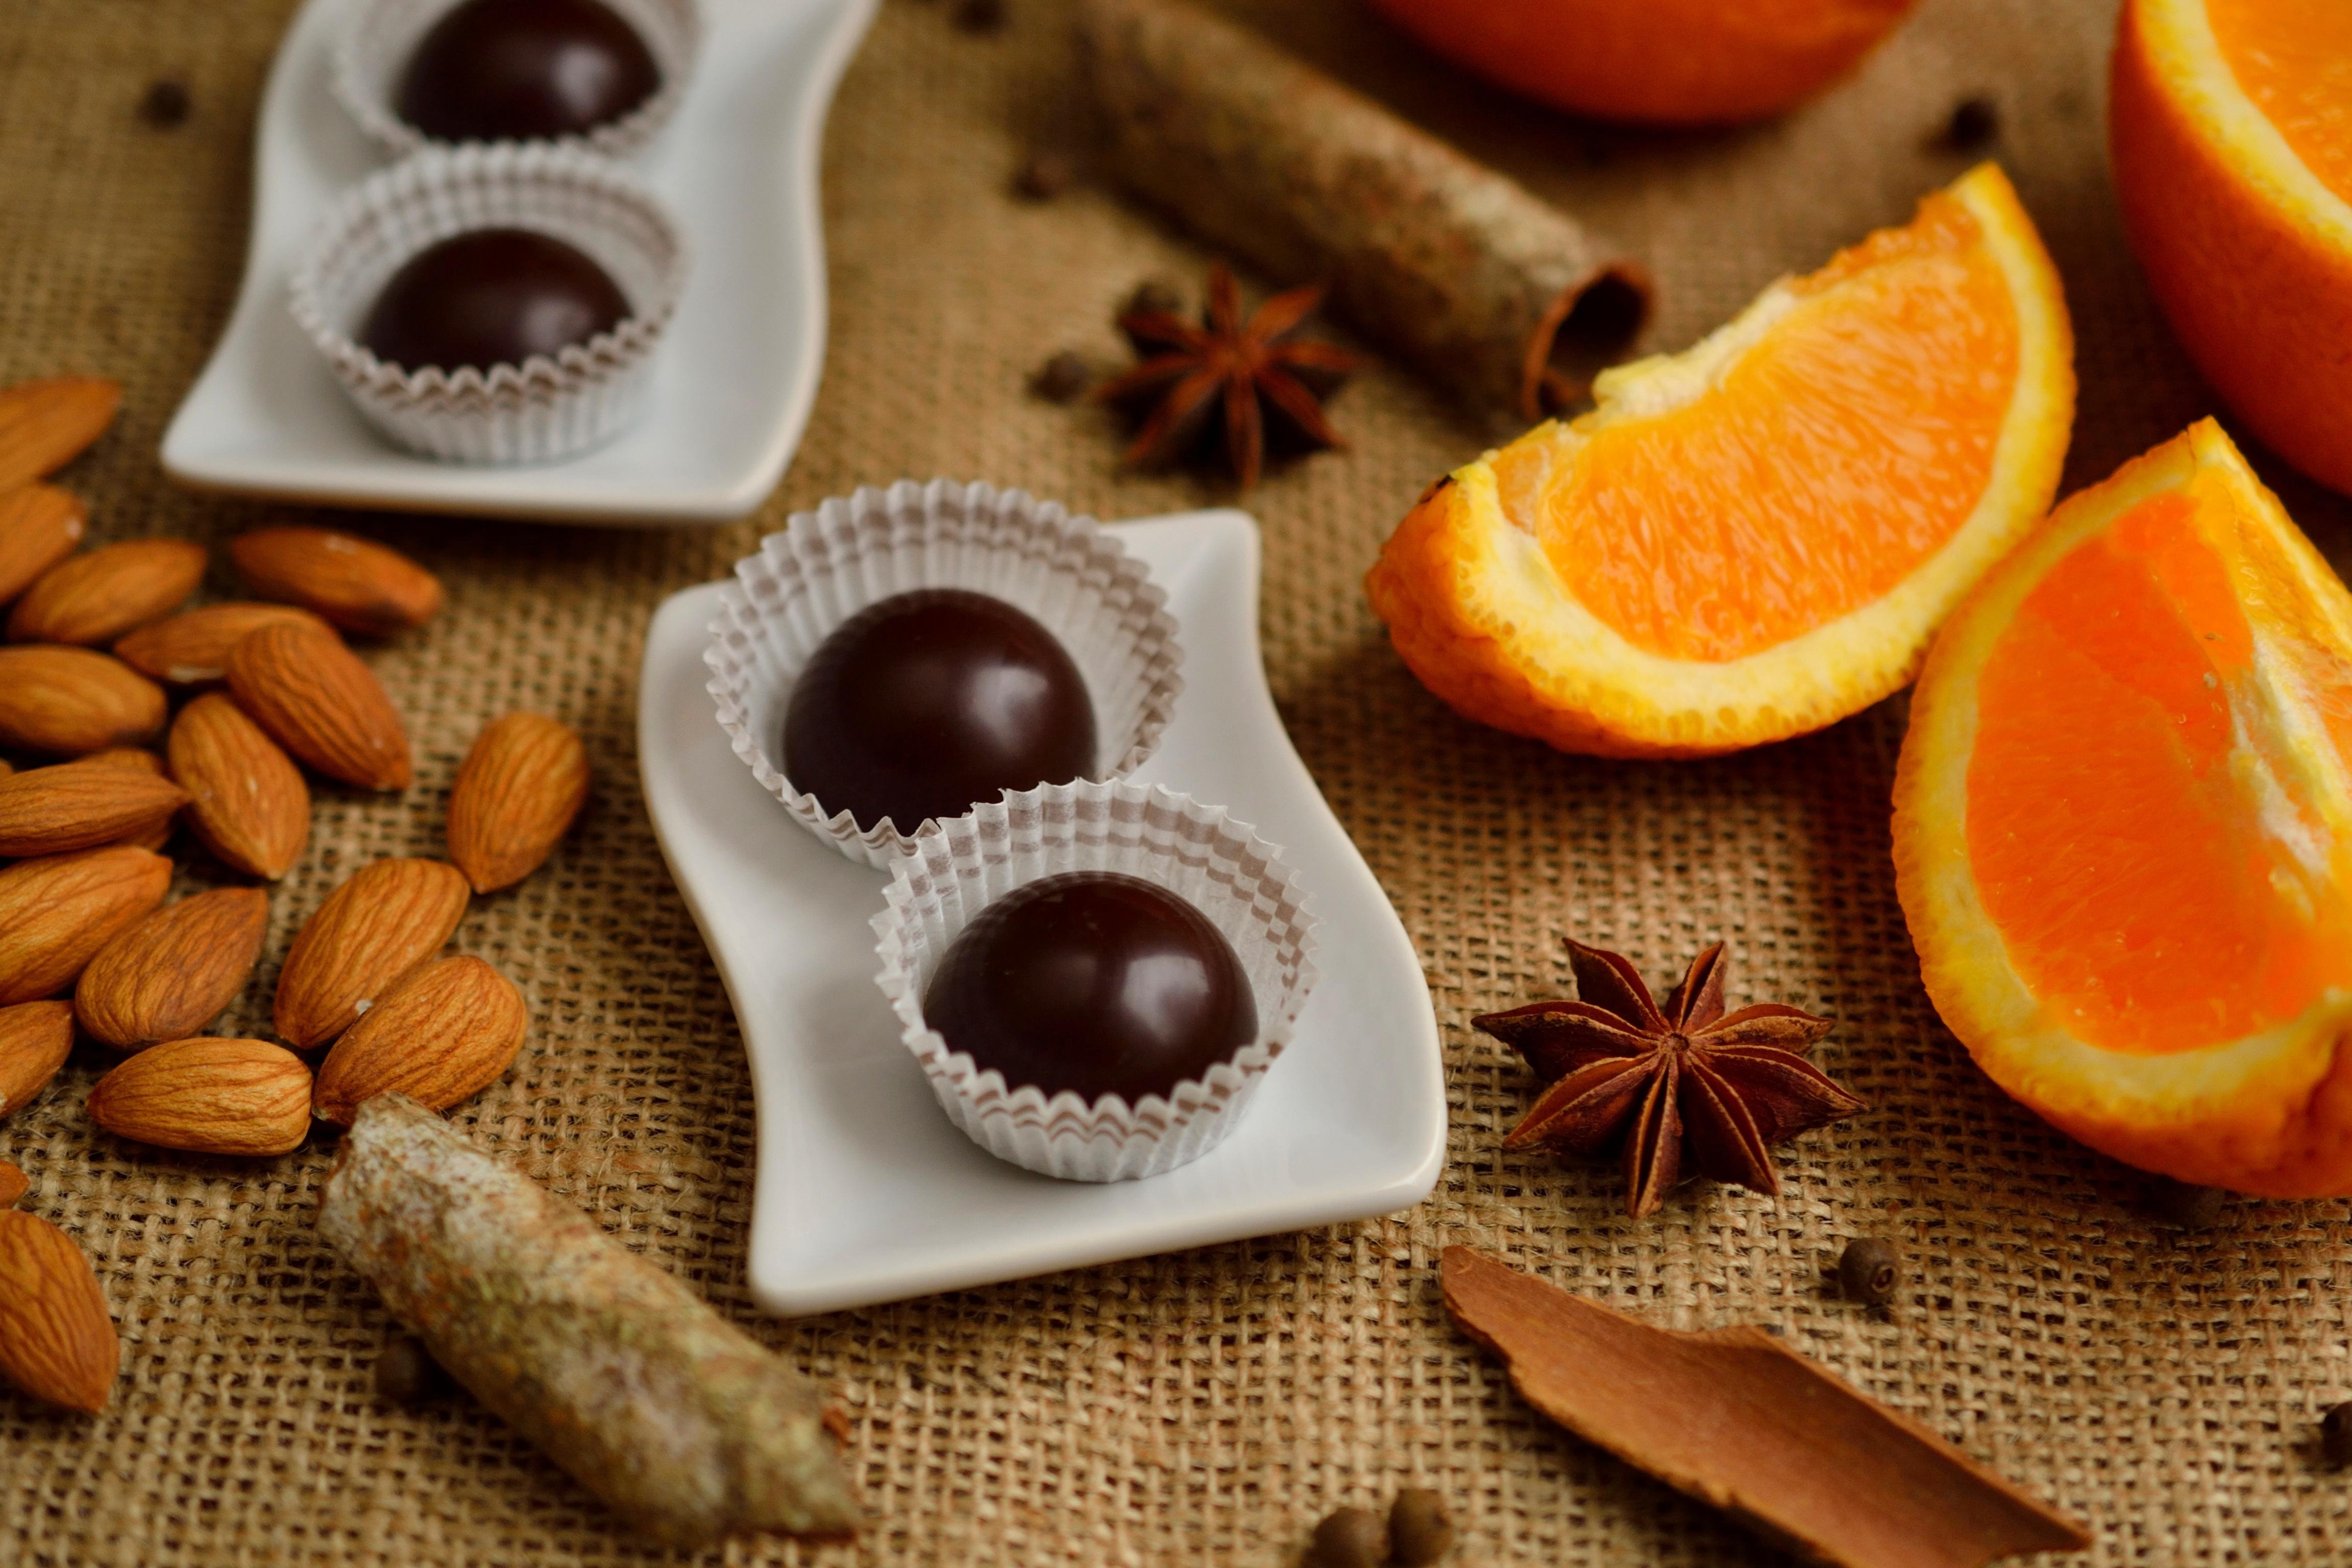 еда чай конфеты яблоки food tea candy apples  № 325901 без смс